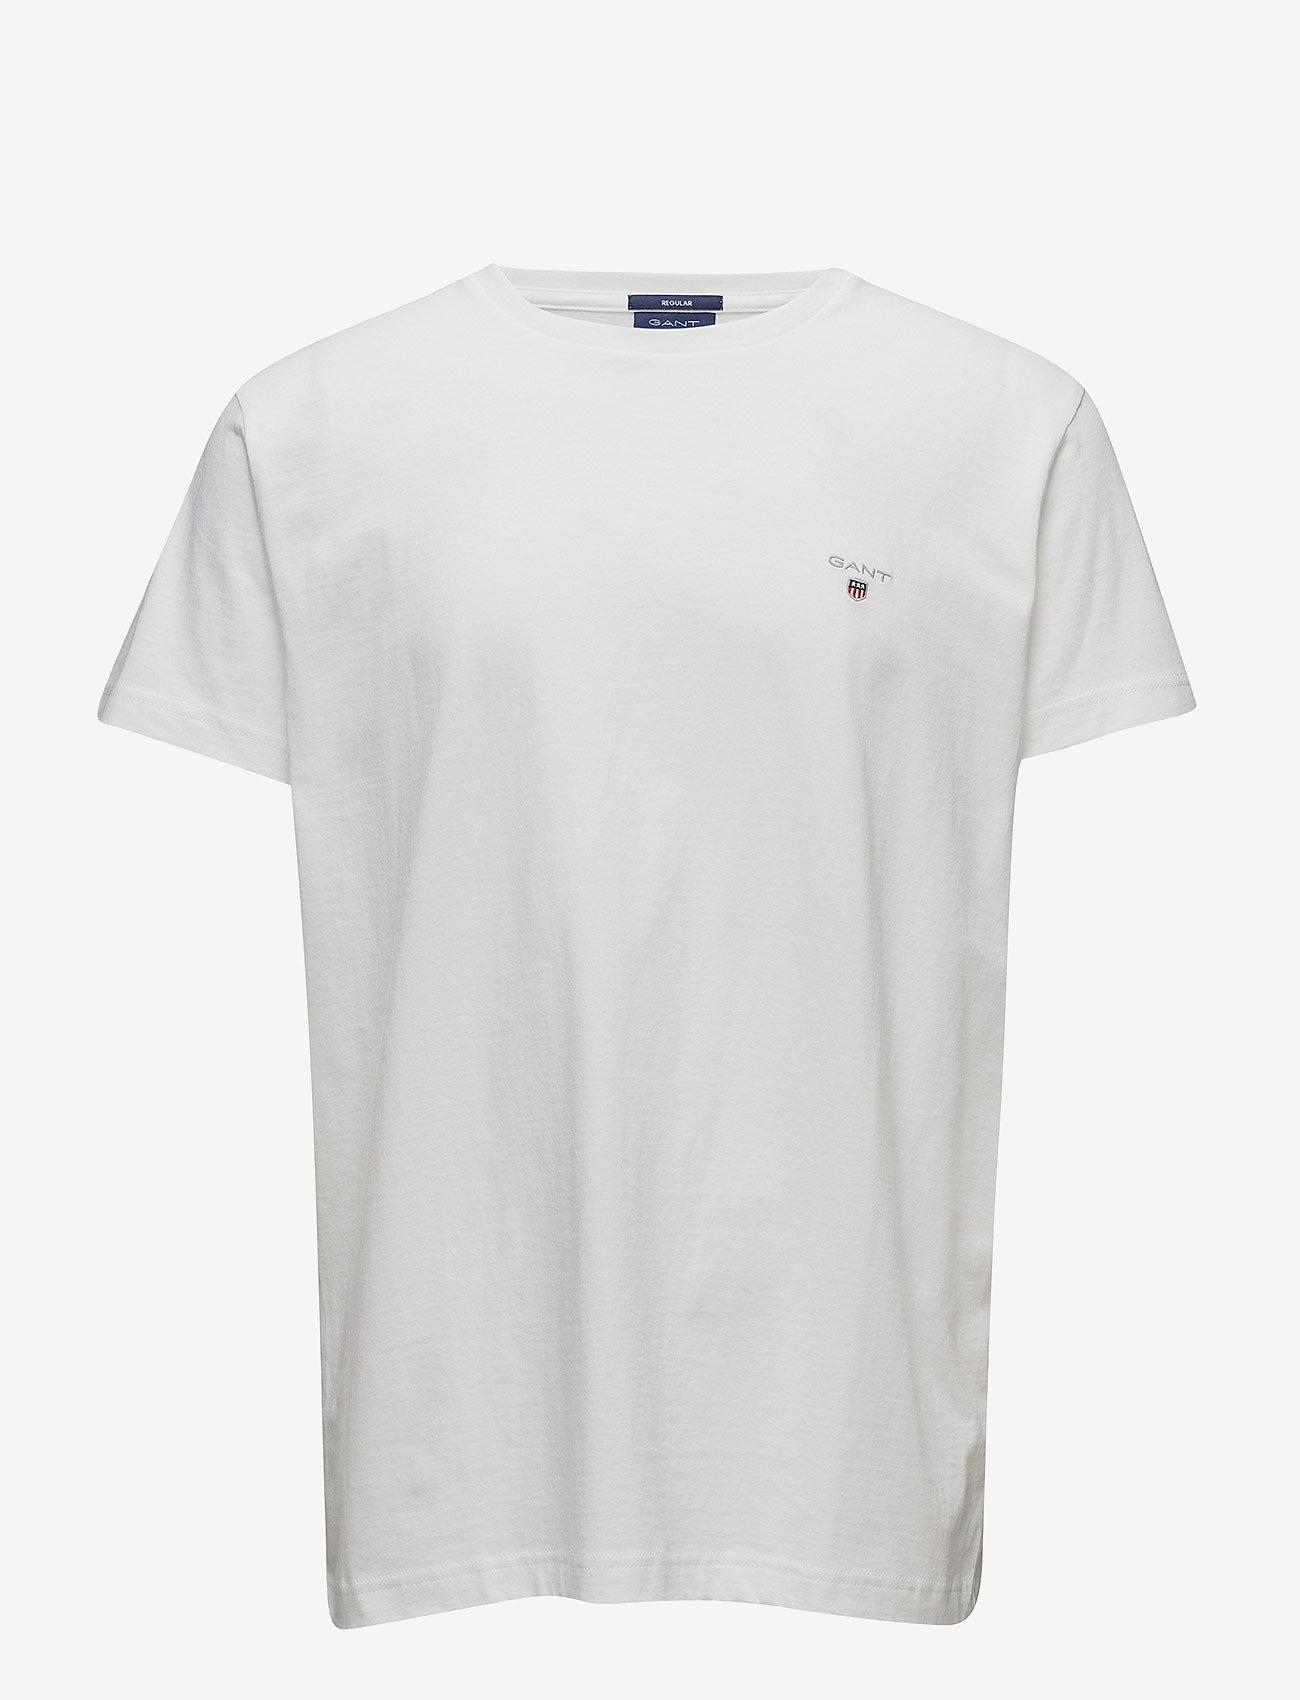 Gant - ORIGINAL SS T-SHIRT - kortermede t-skjorter - white - 0